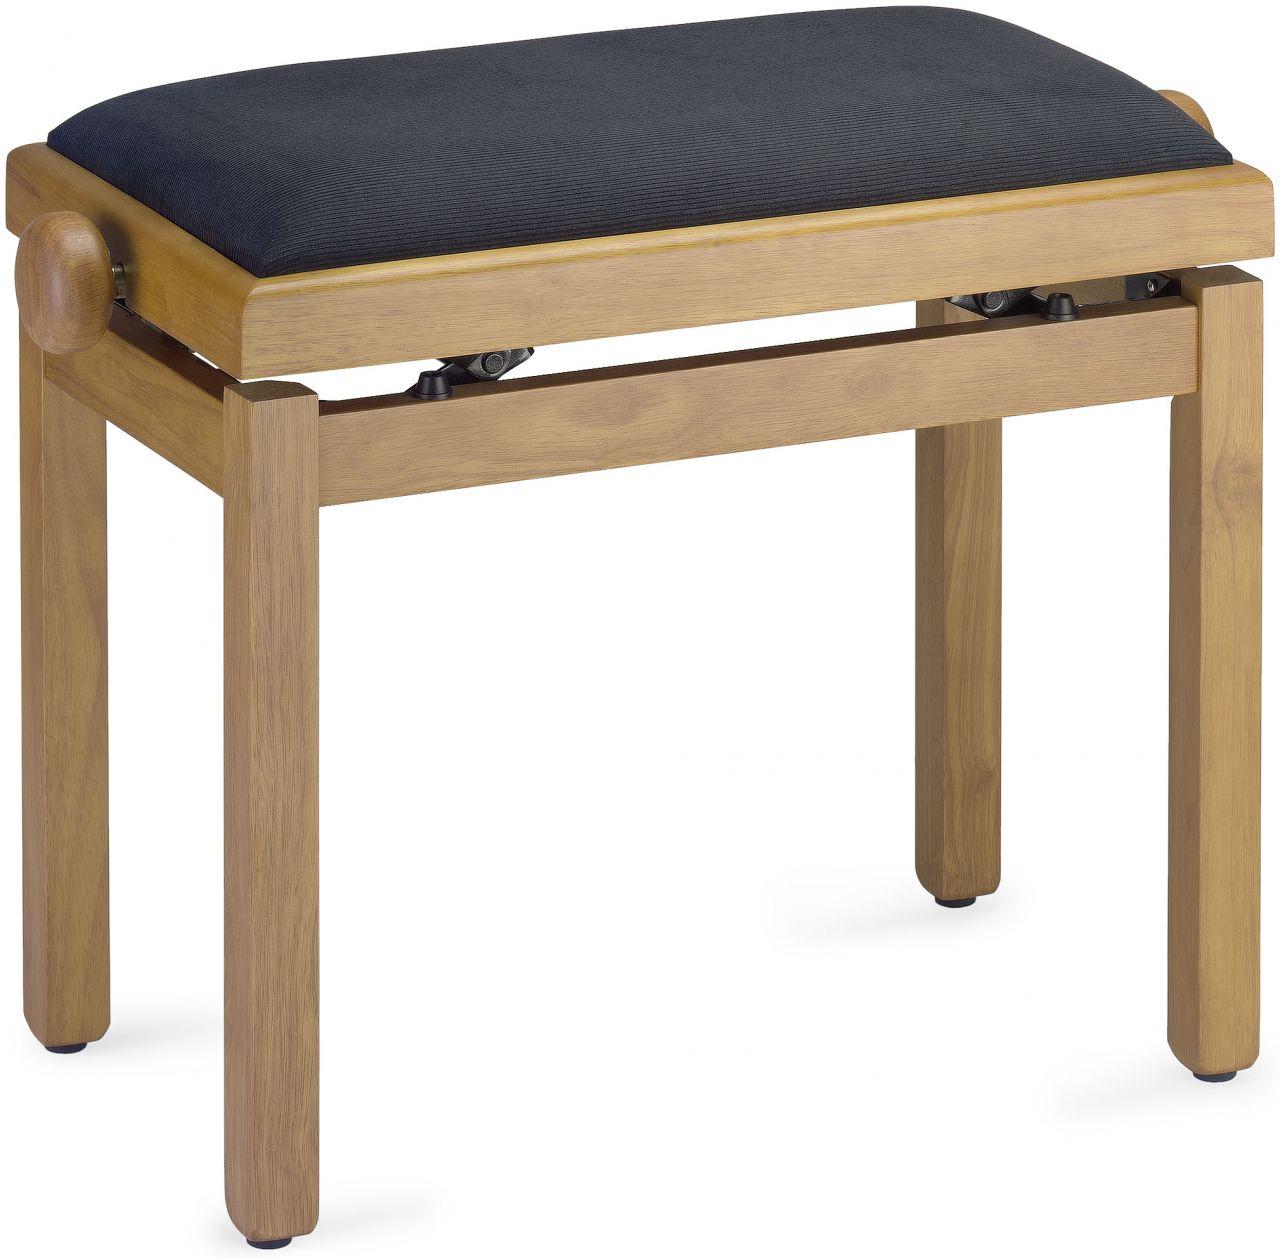 Sonstige Pianobank - Klavierbank - Klavierhocker - natur matt PB39 NAT M V/BK